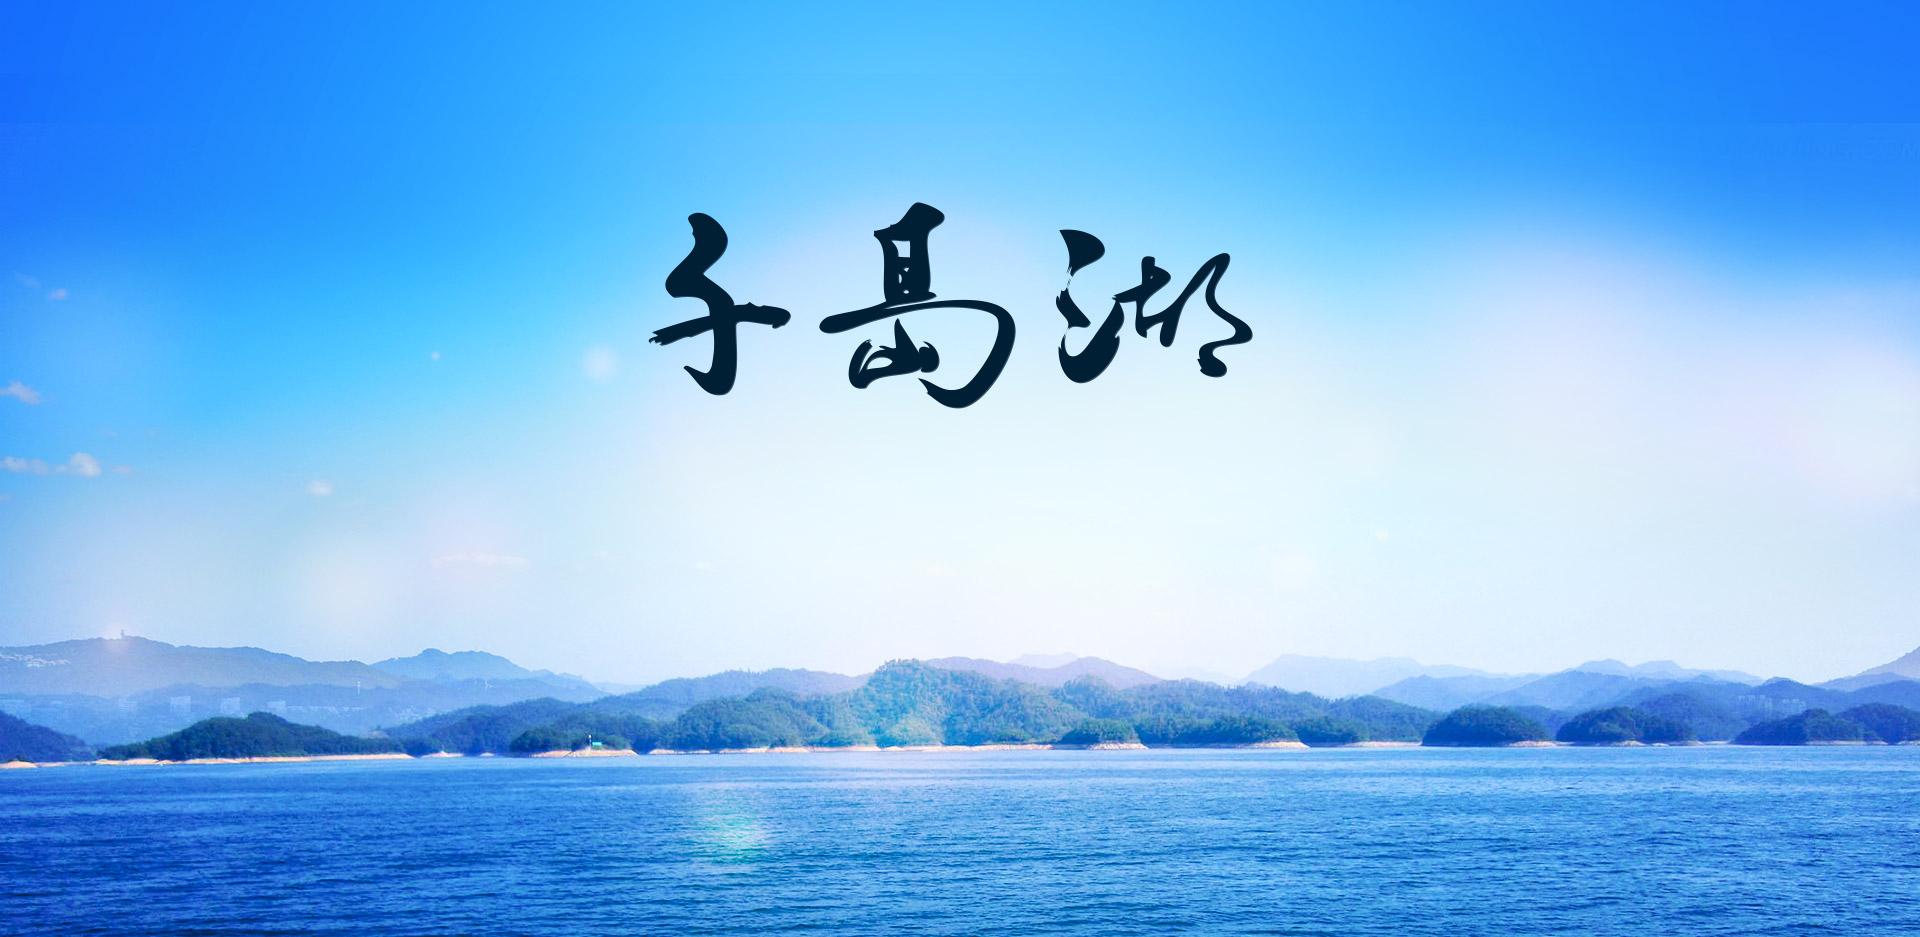 【老于推荐】千岛湖旅游_千岛湖推荐_途牛旅游网